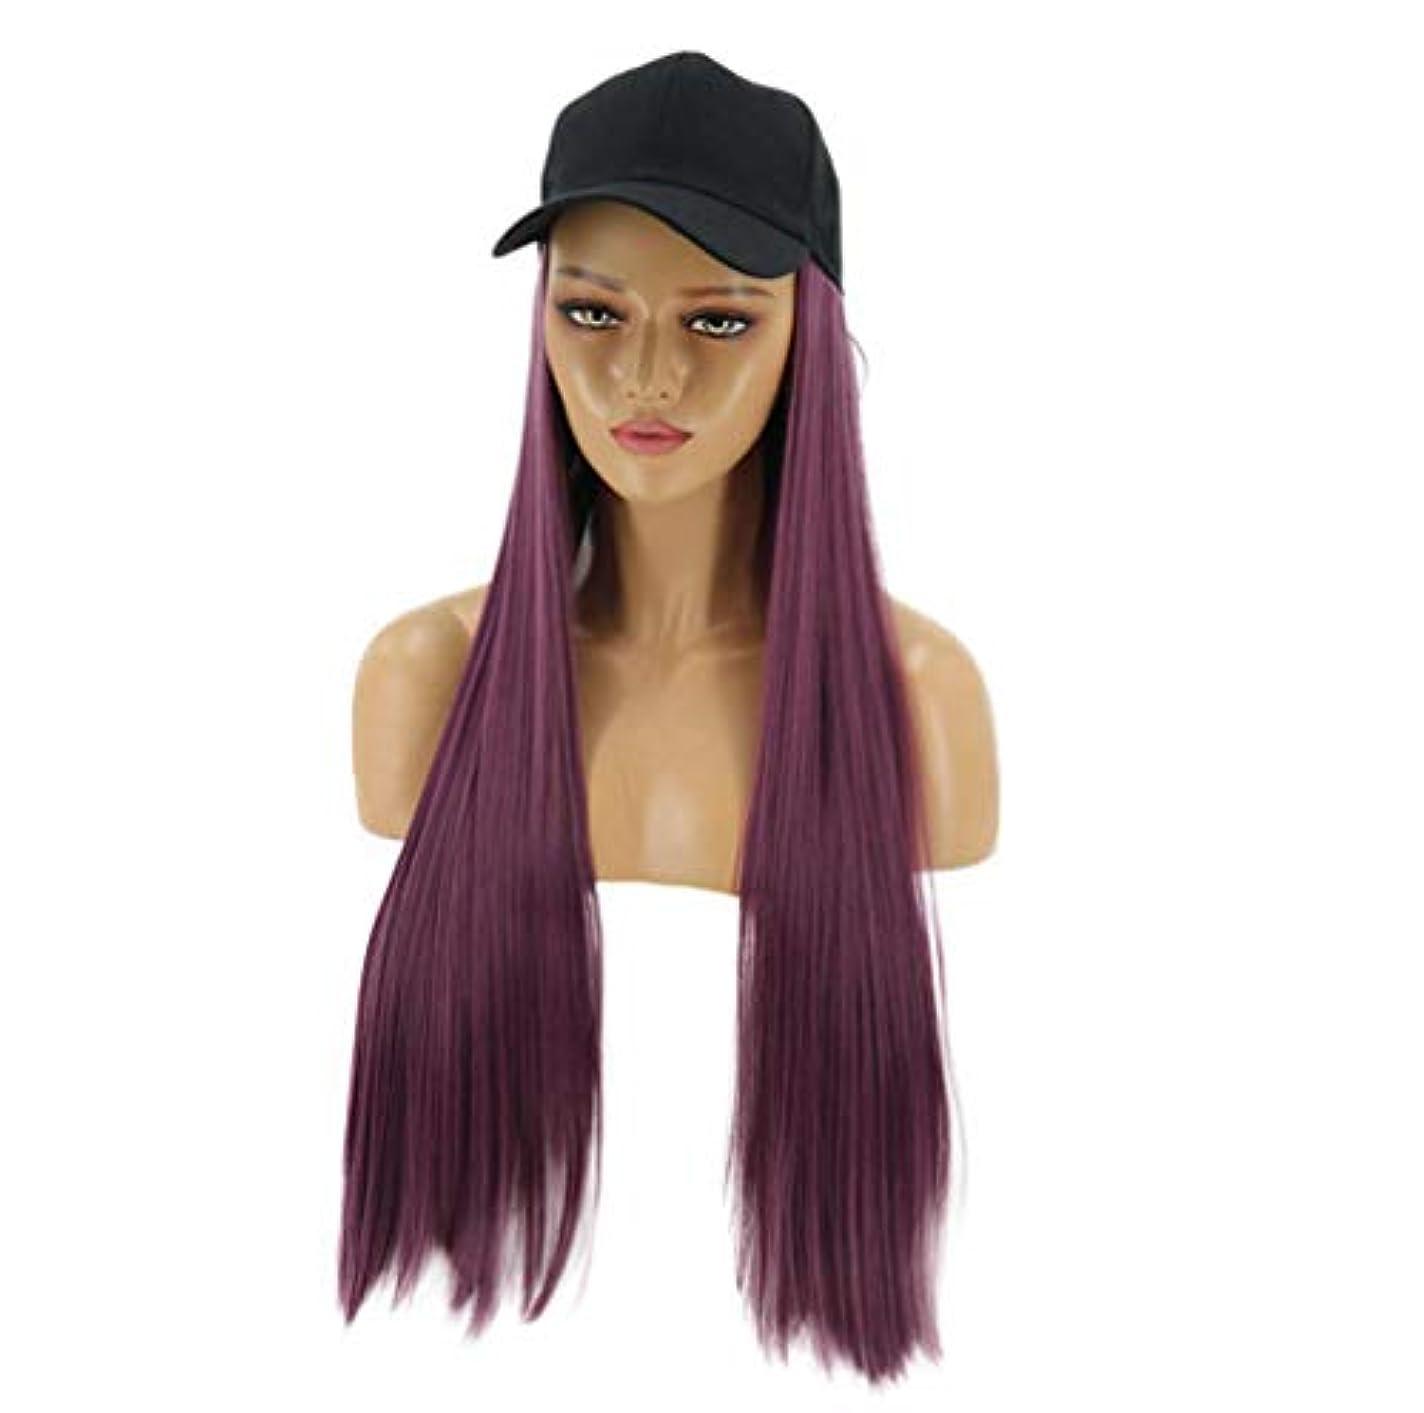 ホテルアライアンスオープナー女性ロングストレートウィッグキャップロングヘア野球キャップボールキャップカジュアルキャップウィッグ合成かつらヘア耐熱性ナチュラル本物の髪